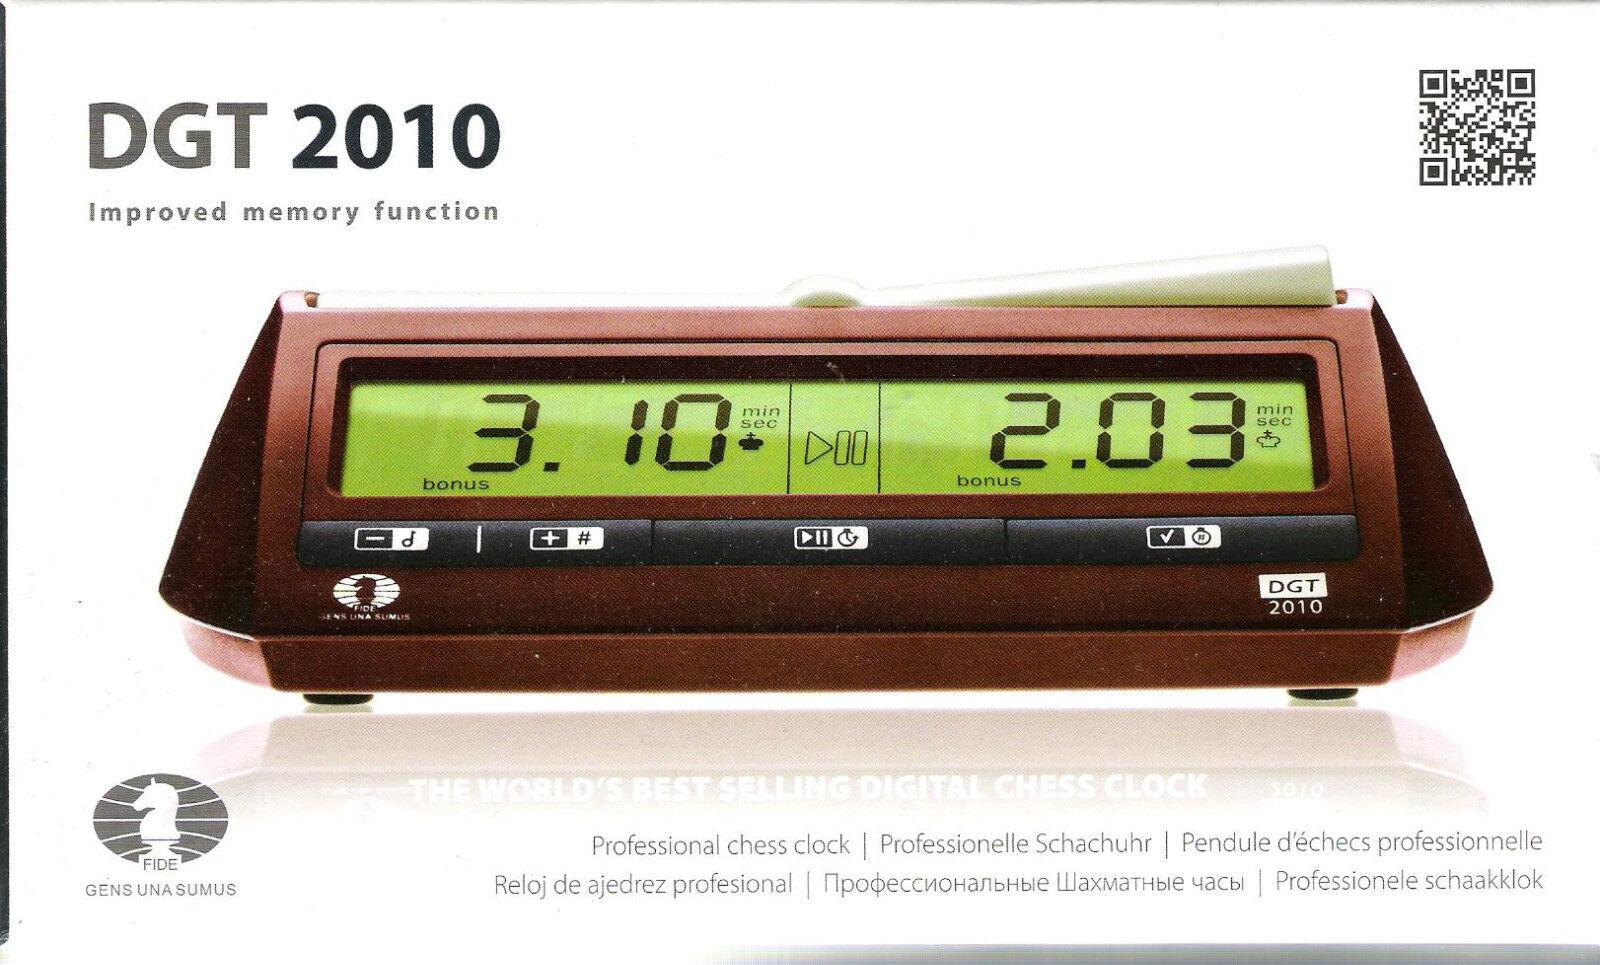 Schachuhr elettronicamente: DGT 2010-Nuovo/Scatola Originale-anche per Scrabble ® adatto